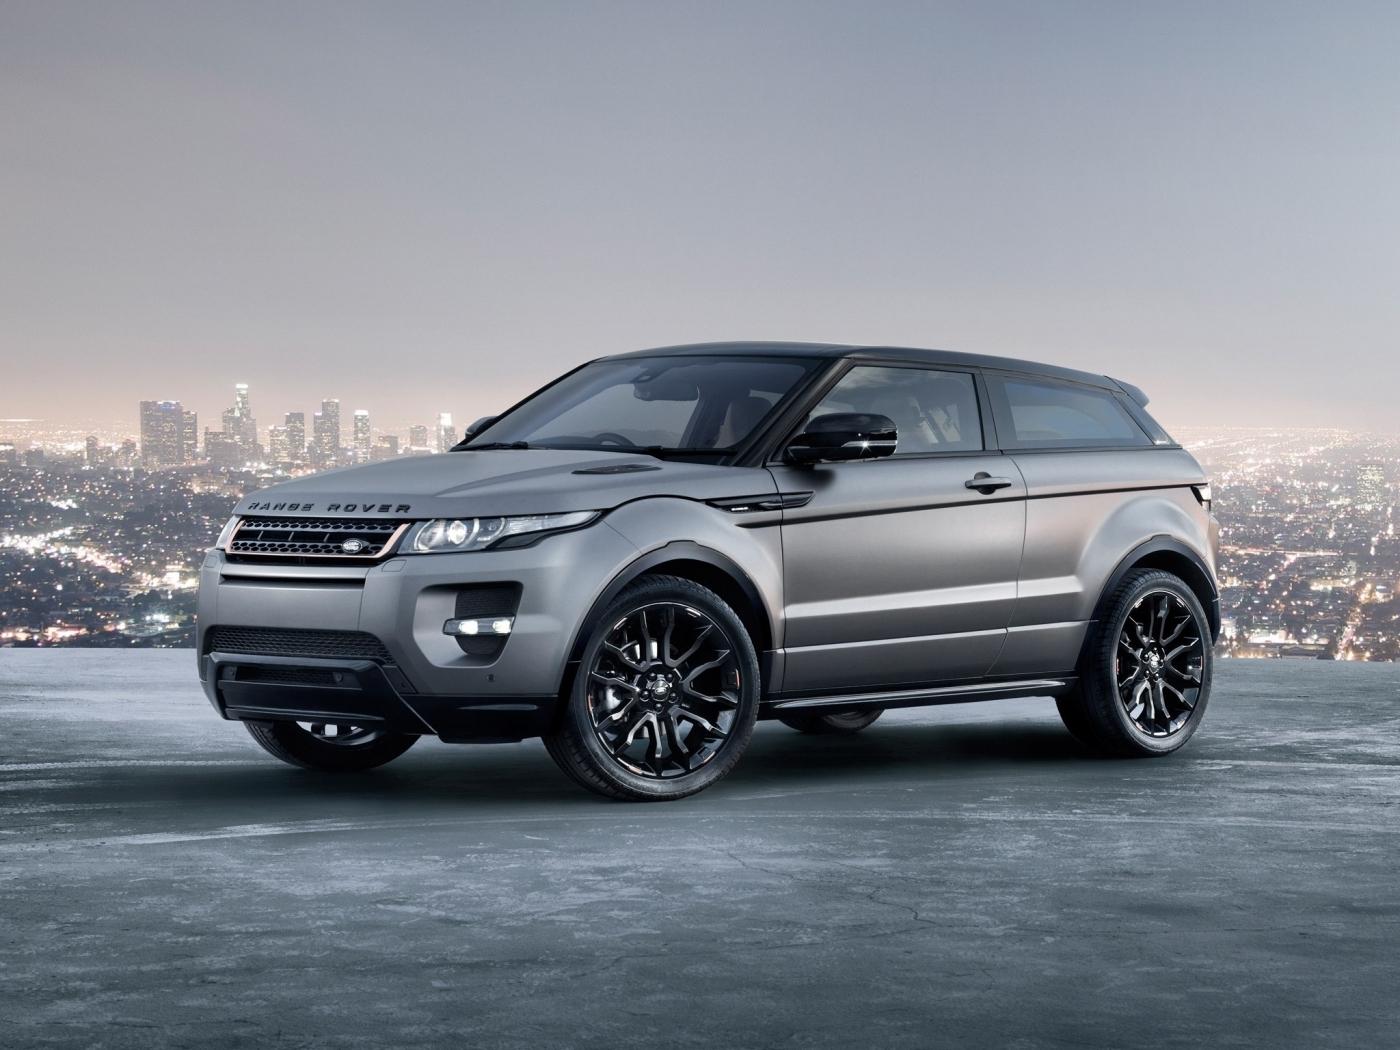 40674 скачать обои Транспорт, Машины, Рендж Ровер (Range Rover) - заставки и картинки бесплатно